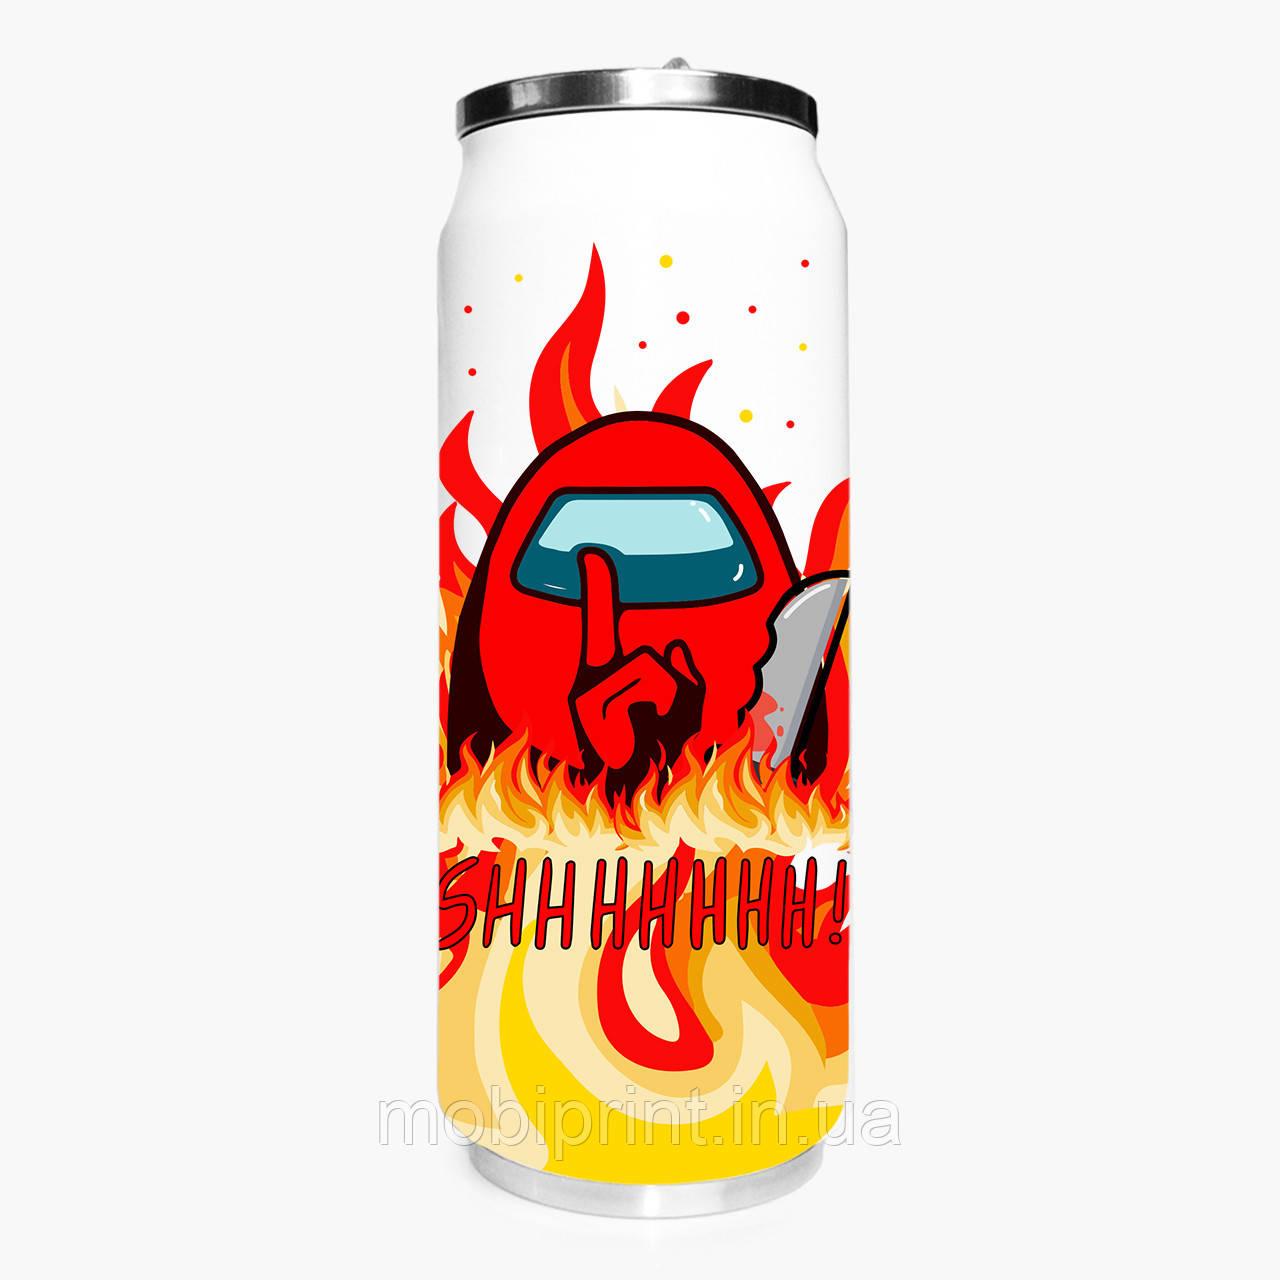 Термобанка Амонг Червоний Ас (Among Us Red) 500 мл (31091-2412-1) термокружка з нержавіючої сталі